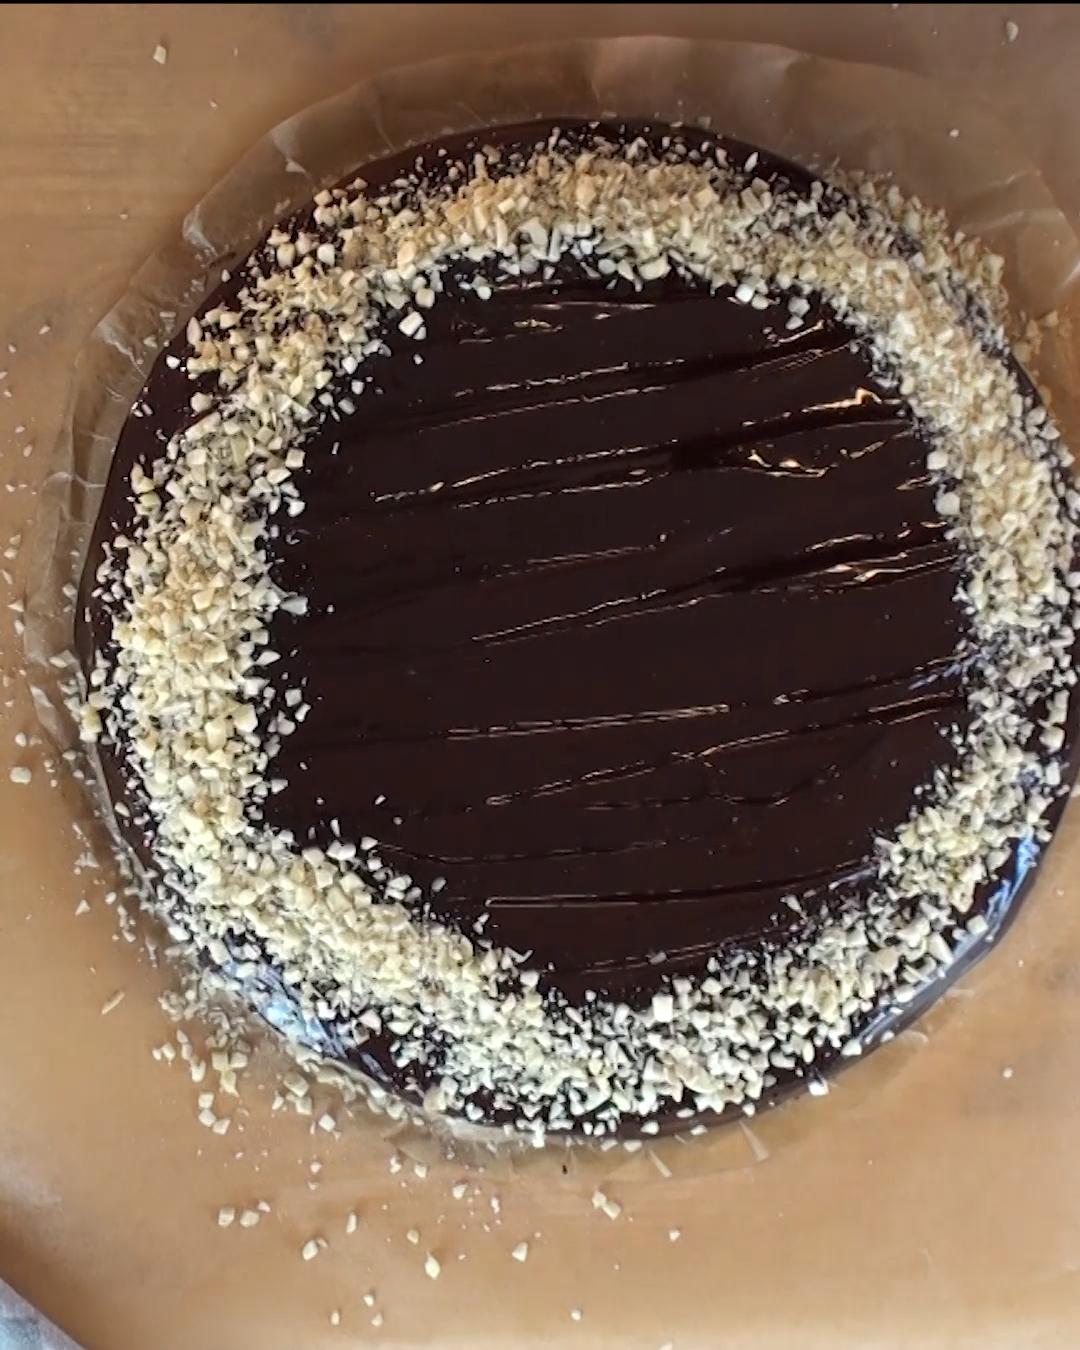 Wir haben für euch unseren absoluten Klassiker, den Schokokuchen, gebacken! Und weil er so einfach geht, kann man ihn direkt in der Form anrühren. Wie schnell das geht, zeigen wir euch in unserem Video. Veganes Backen kann so einfach sein! Unser Schokokuchen ist extra schokoladig und sieht mit Ganache un... #birthday cake #cake recipes #cake unicornio #carrot cake #chocolate cake #pastel de carne #pastel de tortilla #pasteles #pasteles salados #pastelitos individuales #Schokokuchen #Veganer